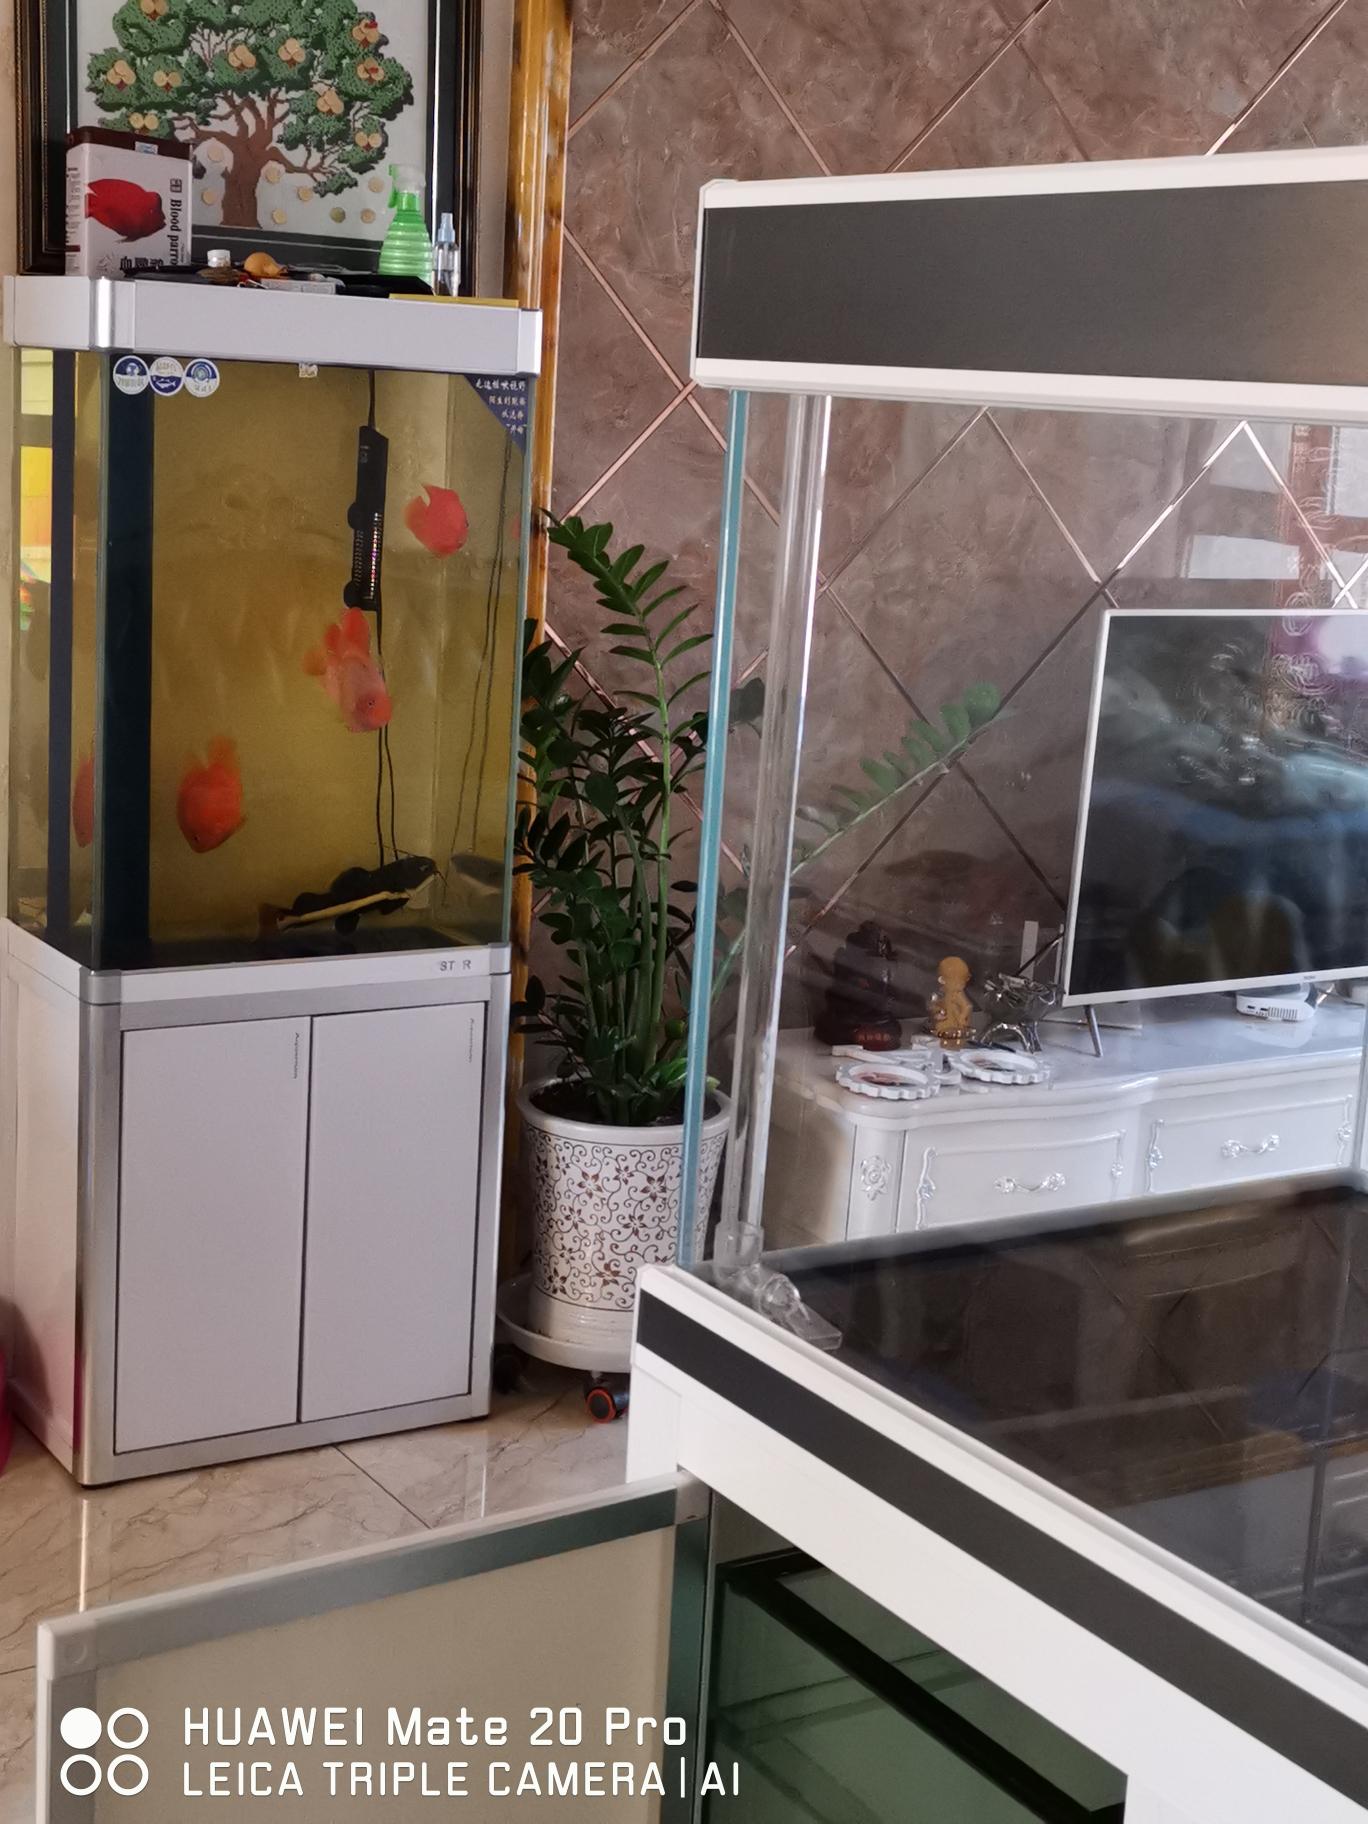 哈尔滨哪个水族店有白子黑帝开缸成功入坑 哈尔滨水族批发市场 哈尔滨龙鱼第3张